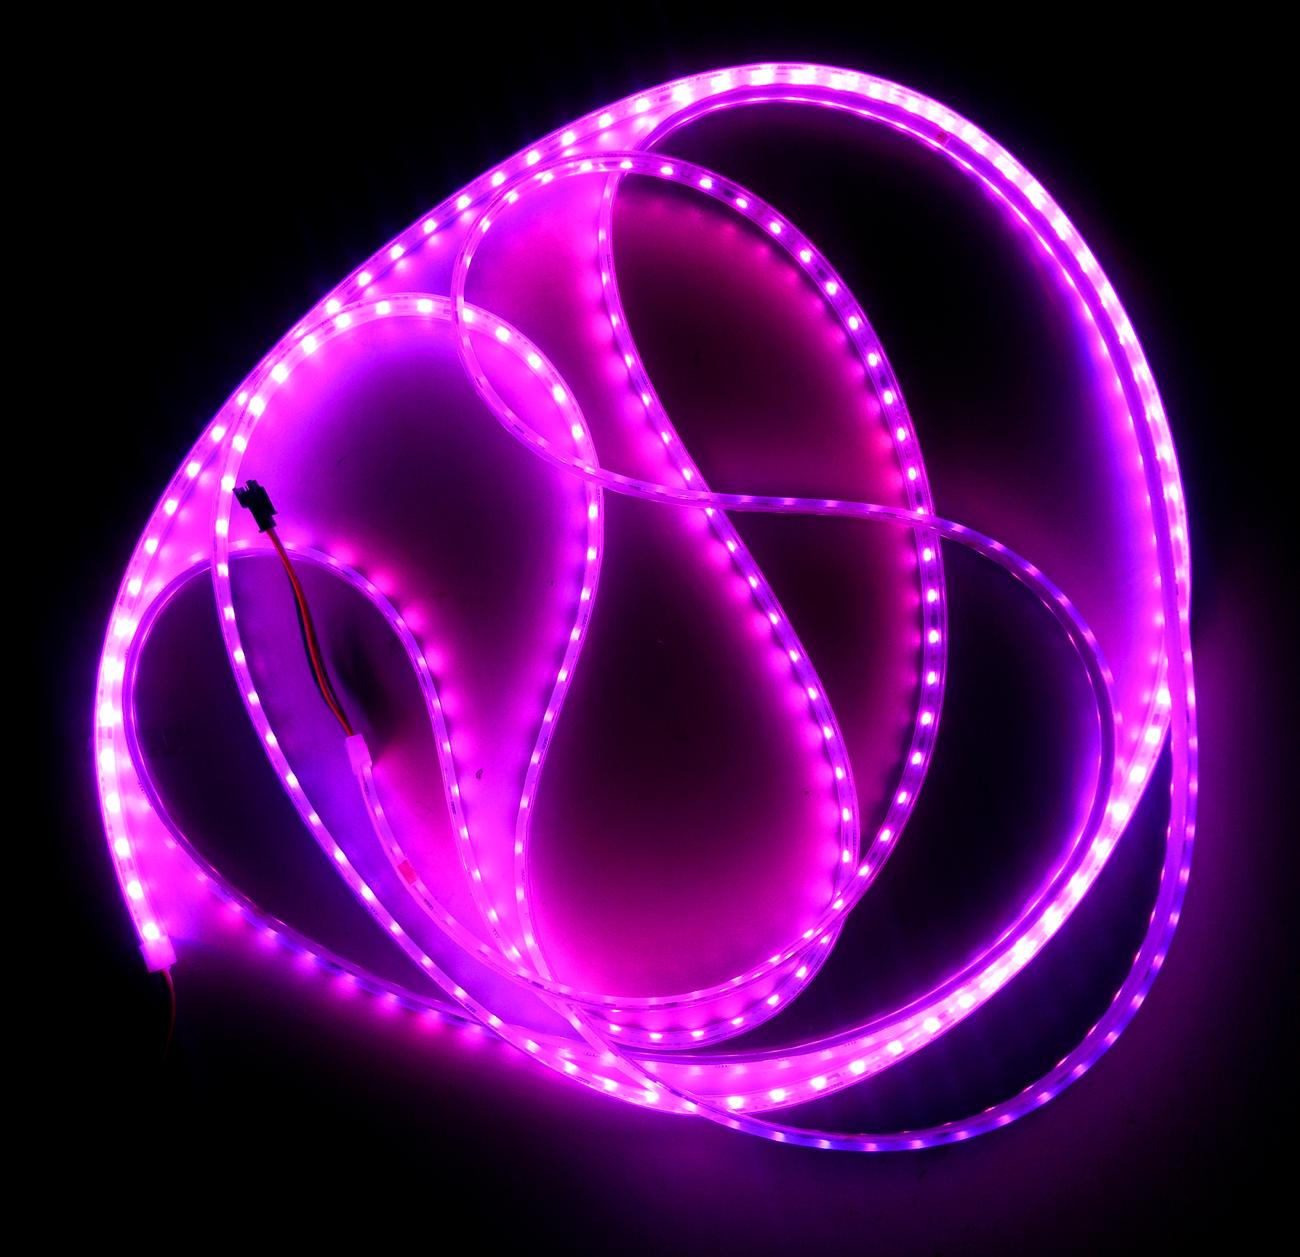 LED灯带 灯条 全彩灯带 防水低压12V 全彩灯带 50灯 厂家直销